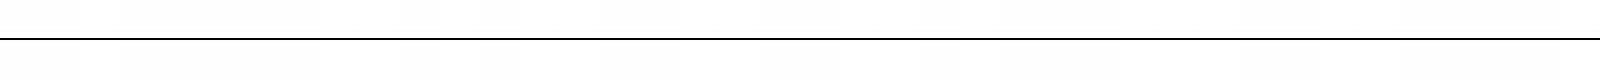 Шорты LEE COOPER набор из 5 пар трусики XL 91-96см